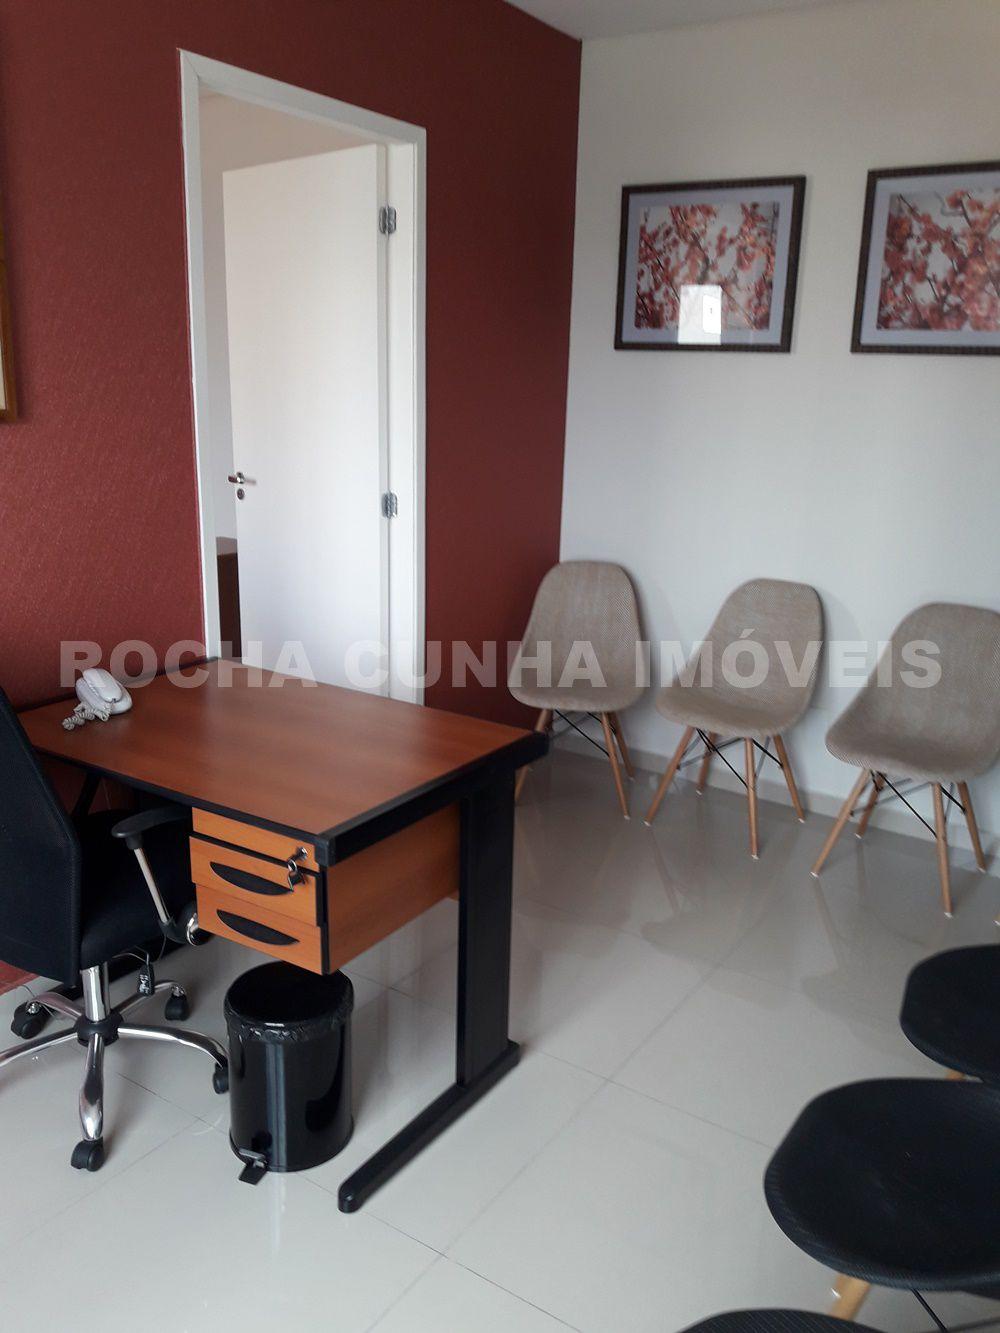 Sala Comercial 33m² Para Alugar Perdizes, São Paulo - R$ 1.300 - LOCASALA970 - 9